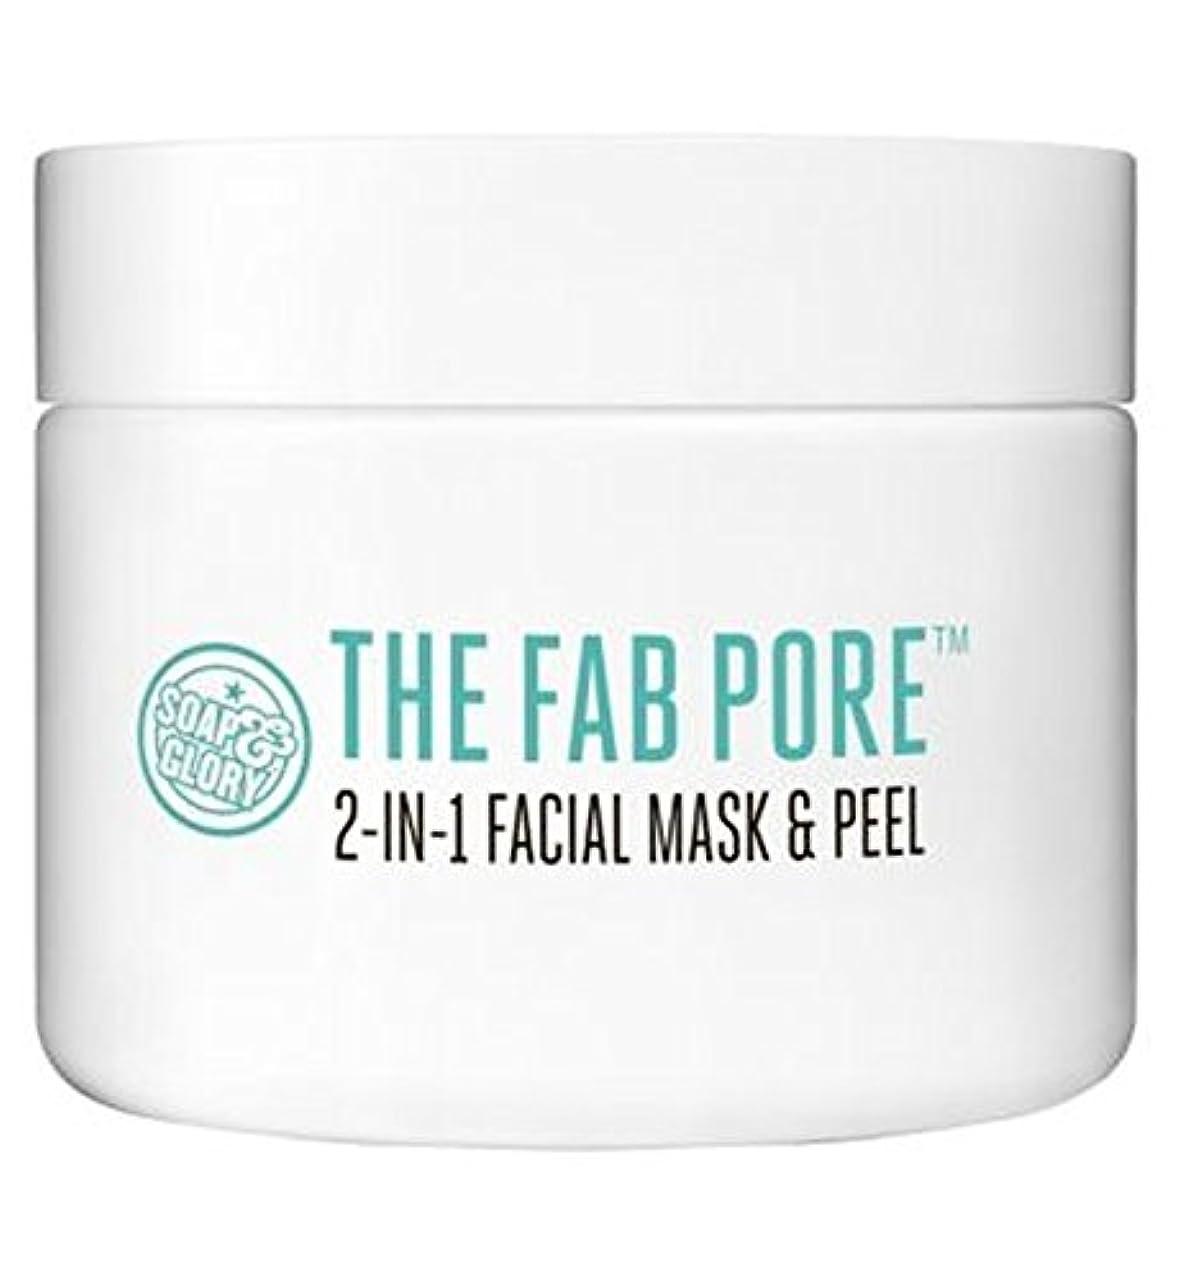 野な説得衣服Soap & Glory? Fab Pore? 2-in-1 Facial Pore Purifying Mask & Peel - ファブ細孔?2イン1顔の細孔浄化マスク&ピール?石鹸&栄光 (Soap & Glory...